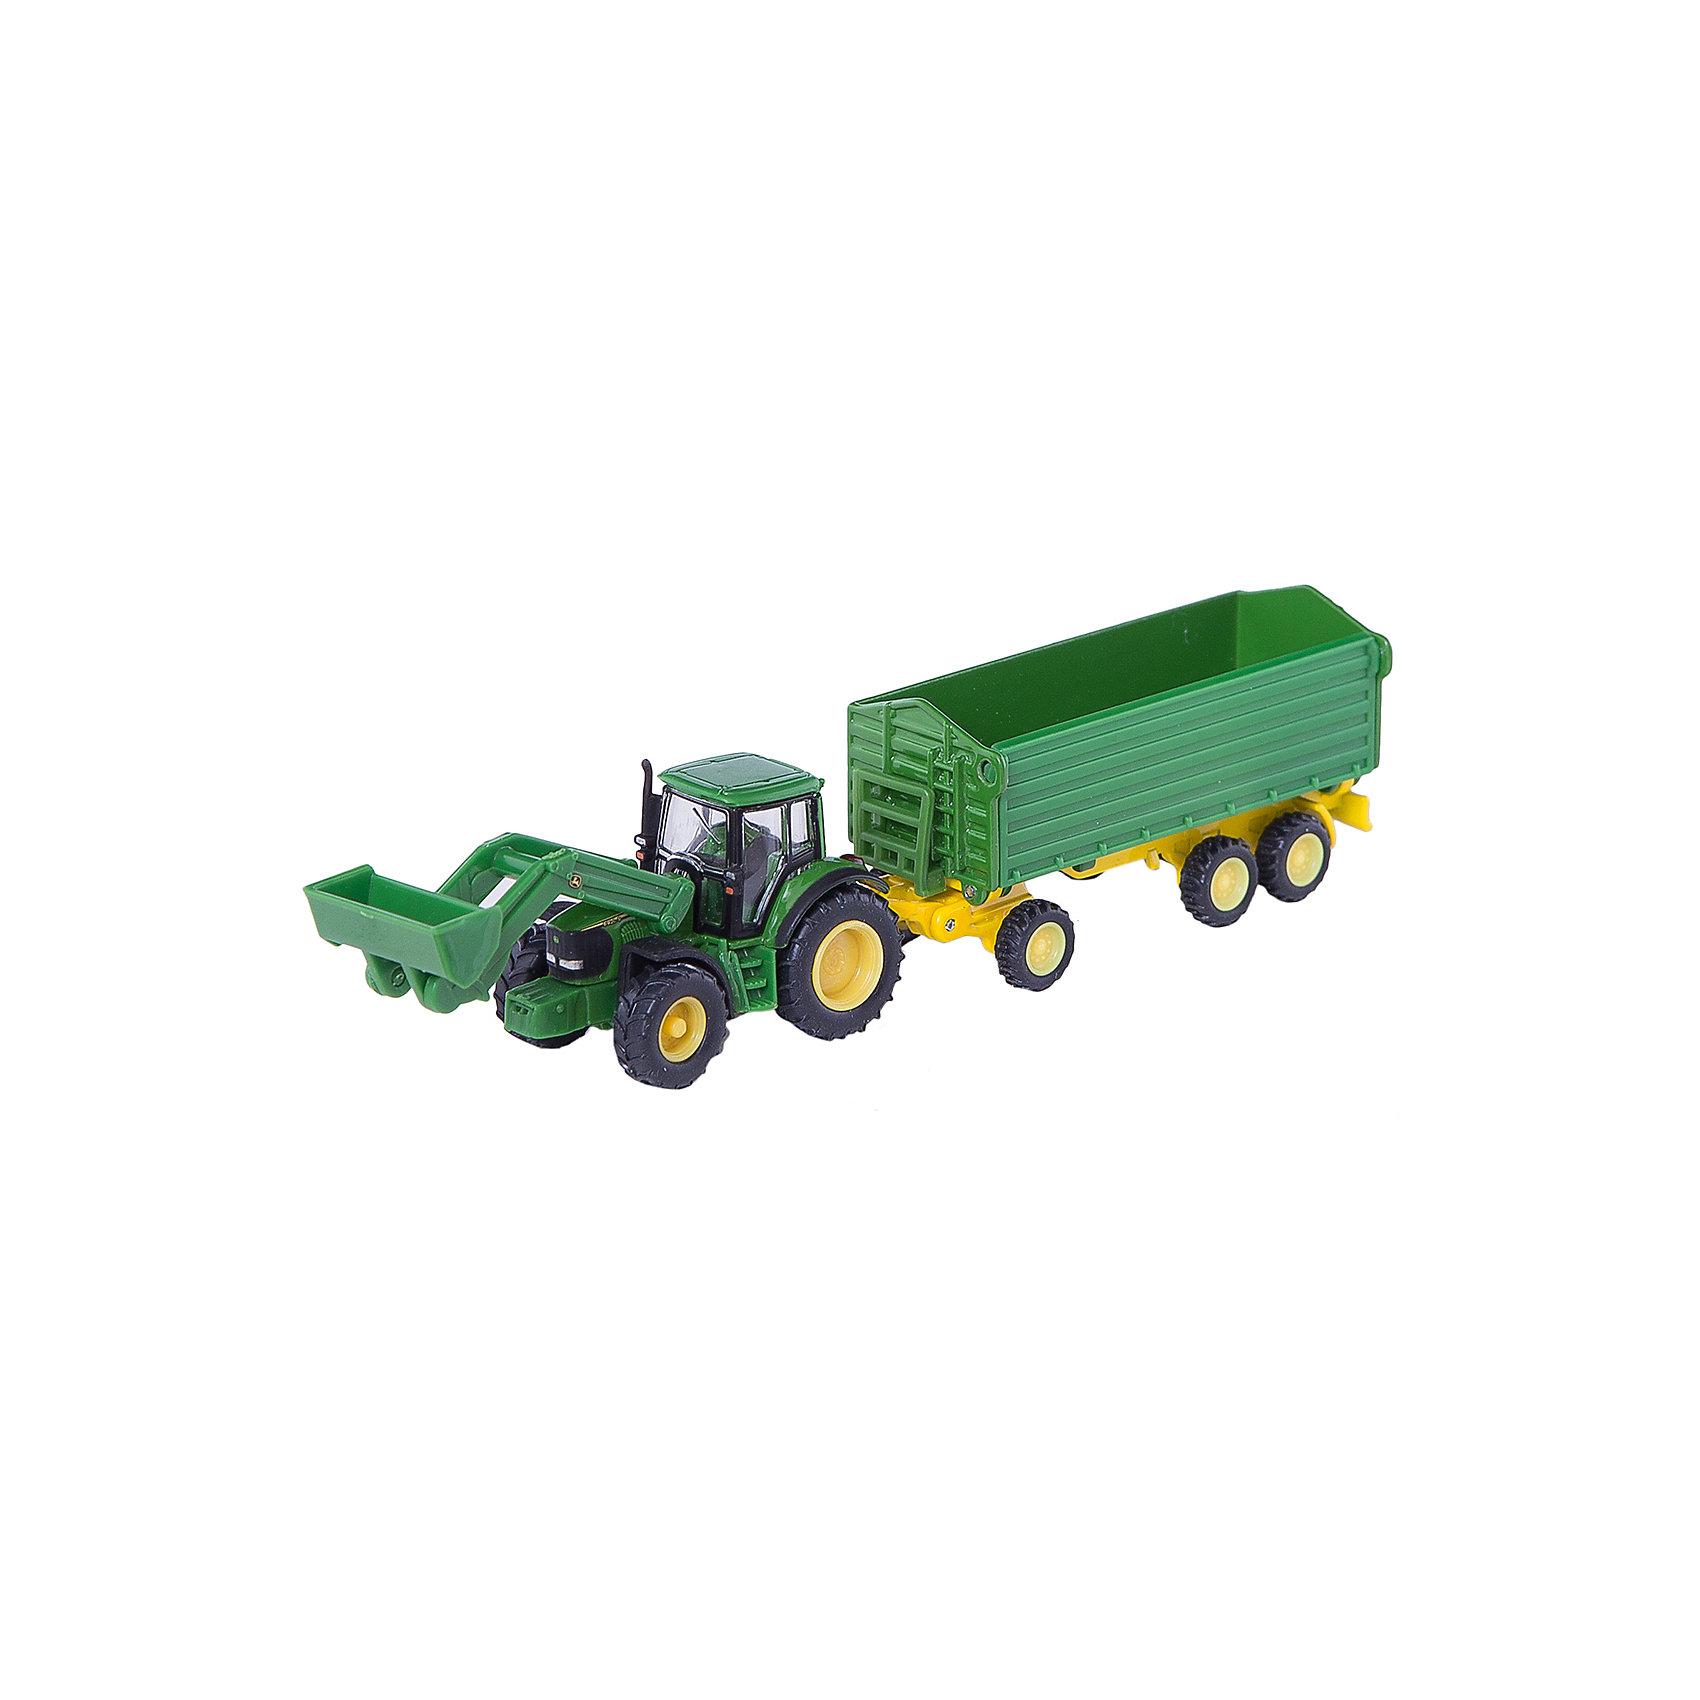 SIKU SIKU 1843 Трактор John Deere с ковшом/прицепом 1:87 трактор tomy john deere зеленый 19 см с большими колесами звук свет